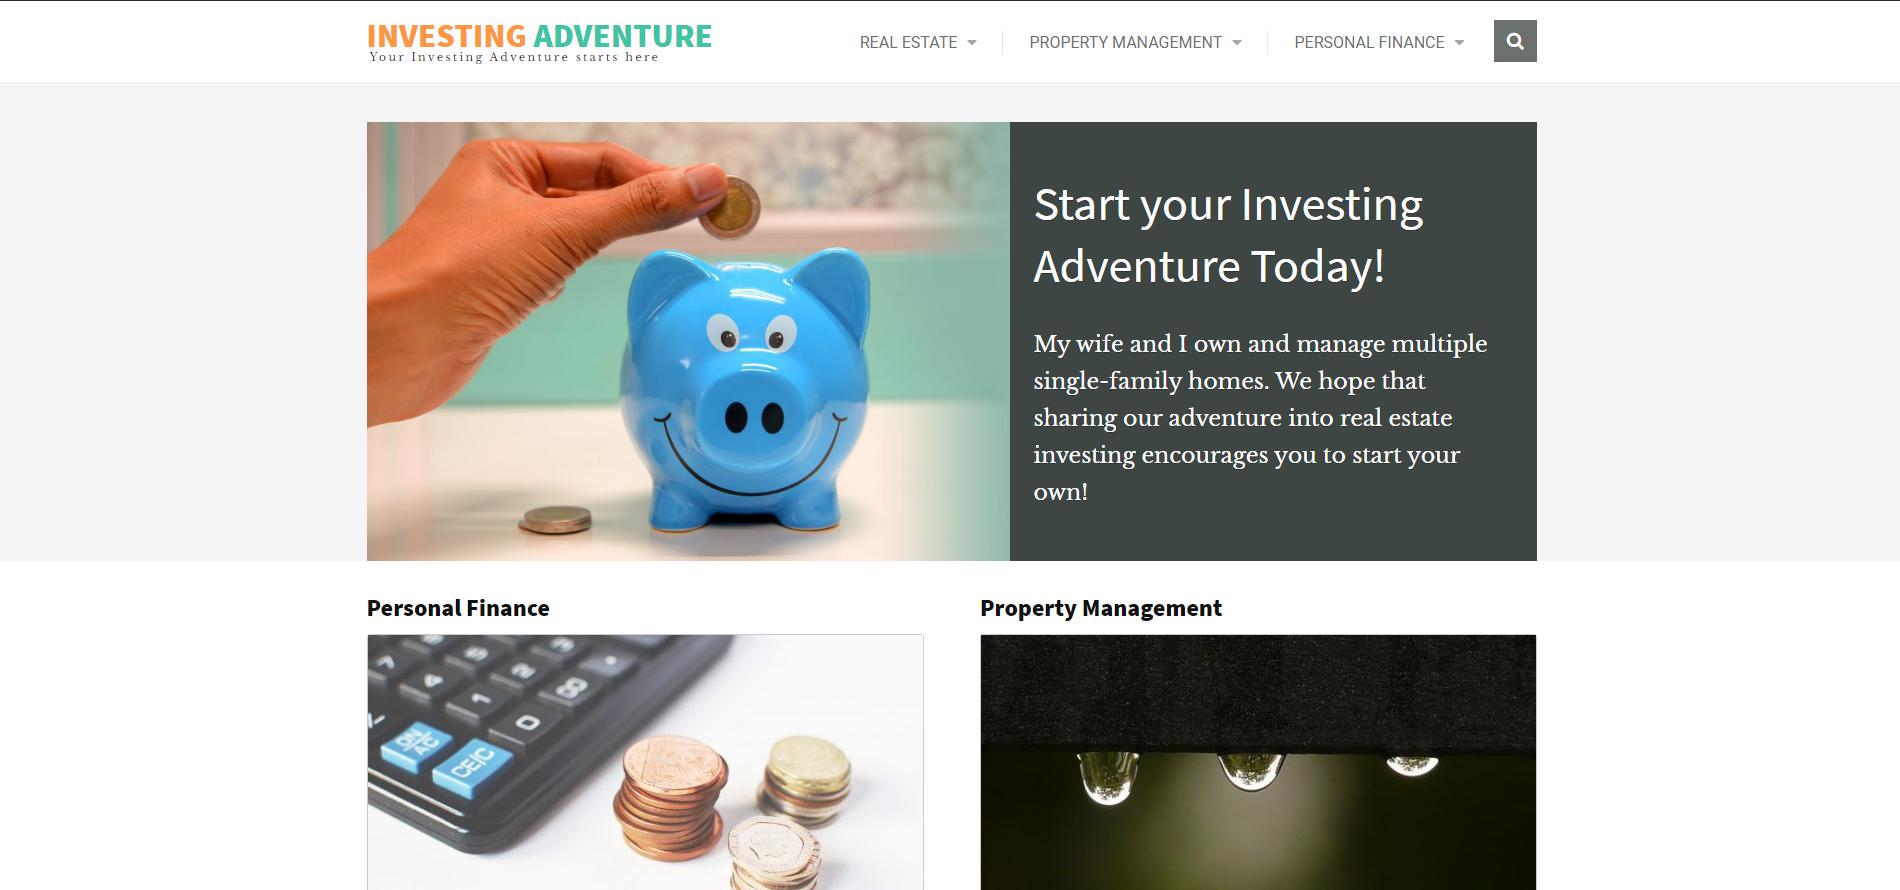 Investing Adventure